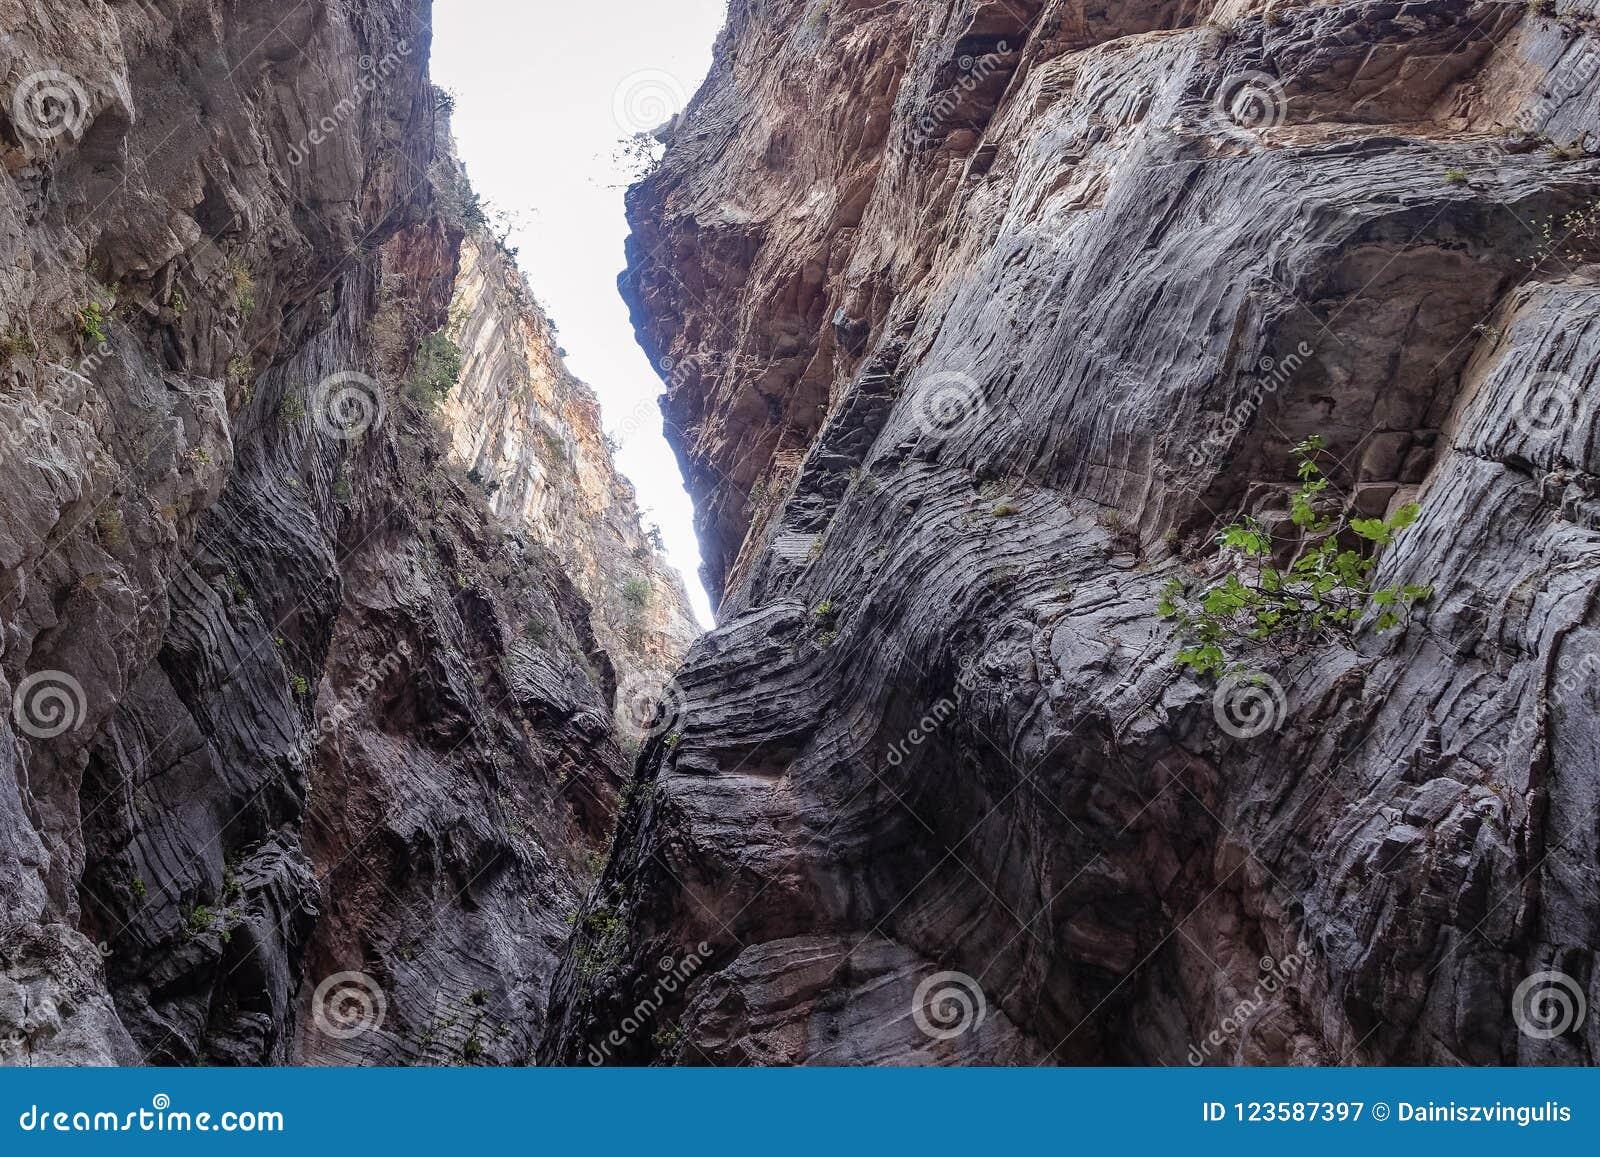 Widok od dna który tworzy ciekawiący warstwy i strukturę halne ściany,